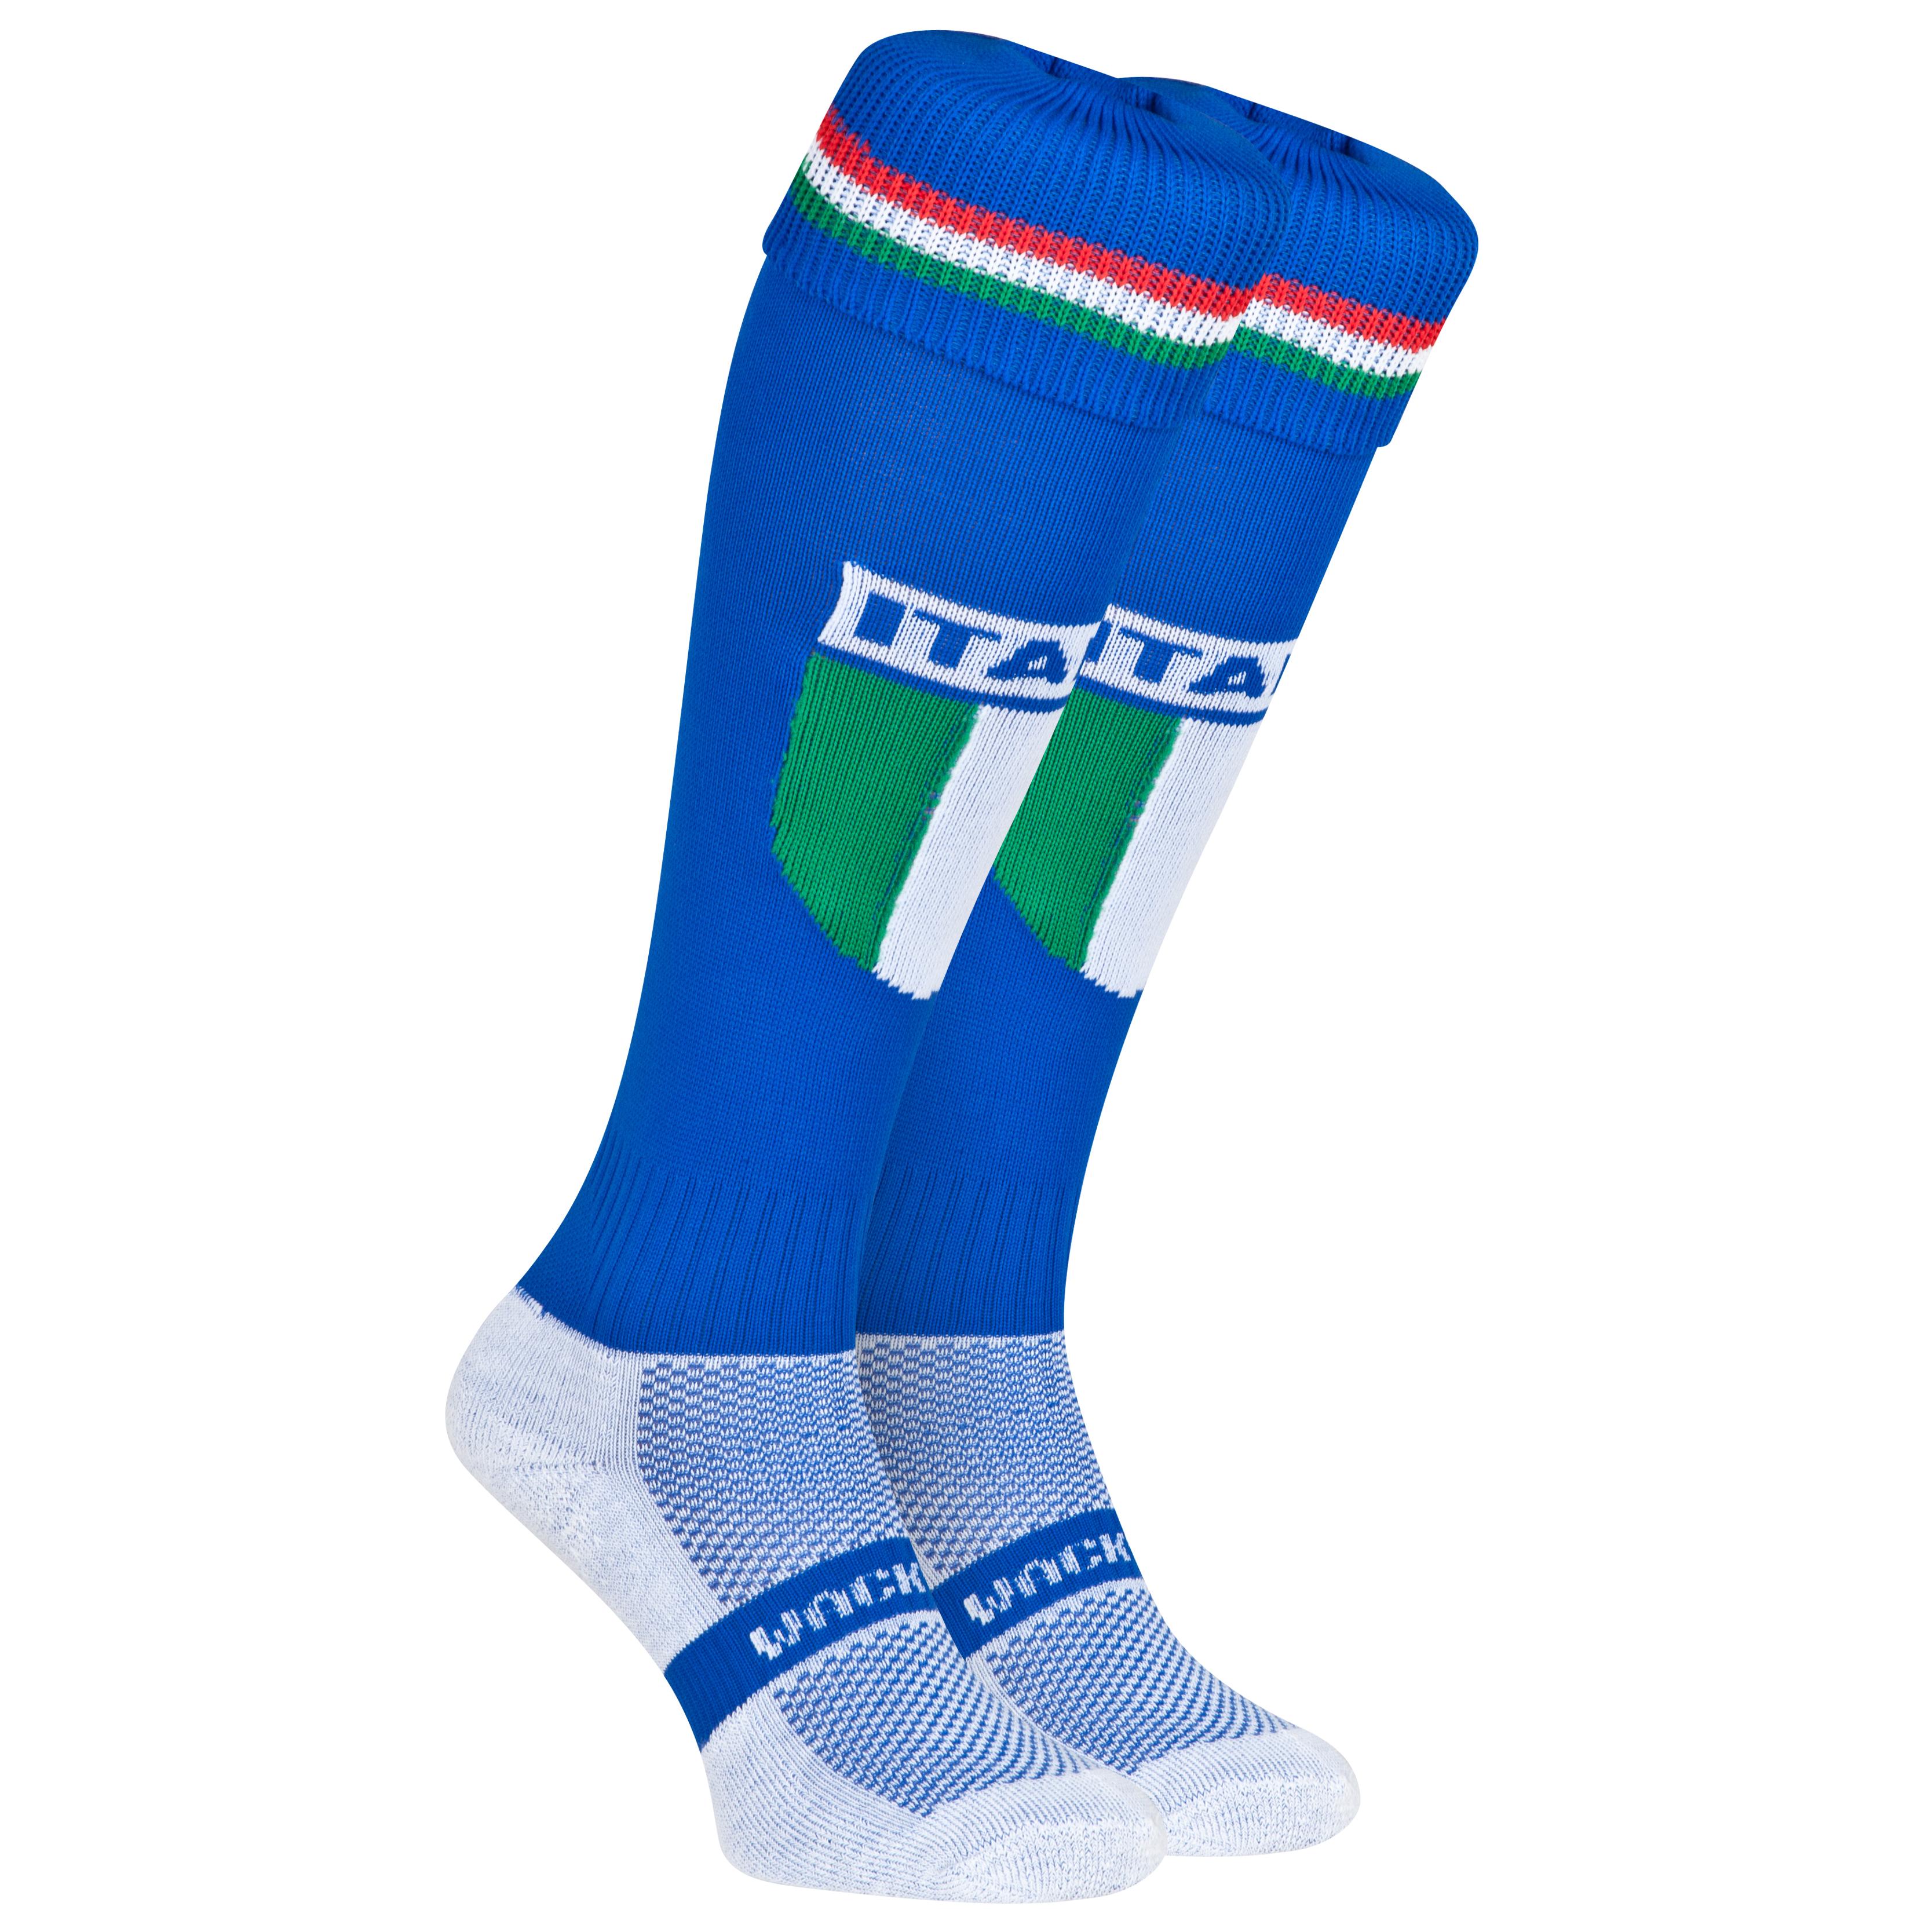 WackySox Italy Socks - Size 12-14